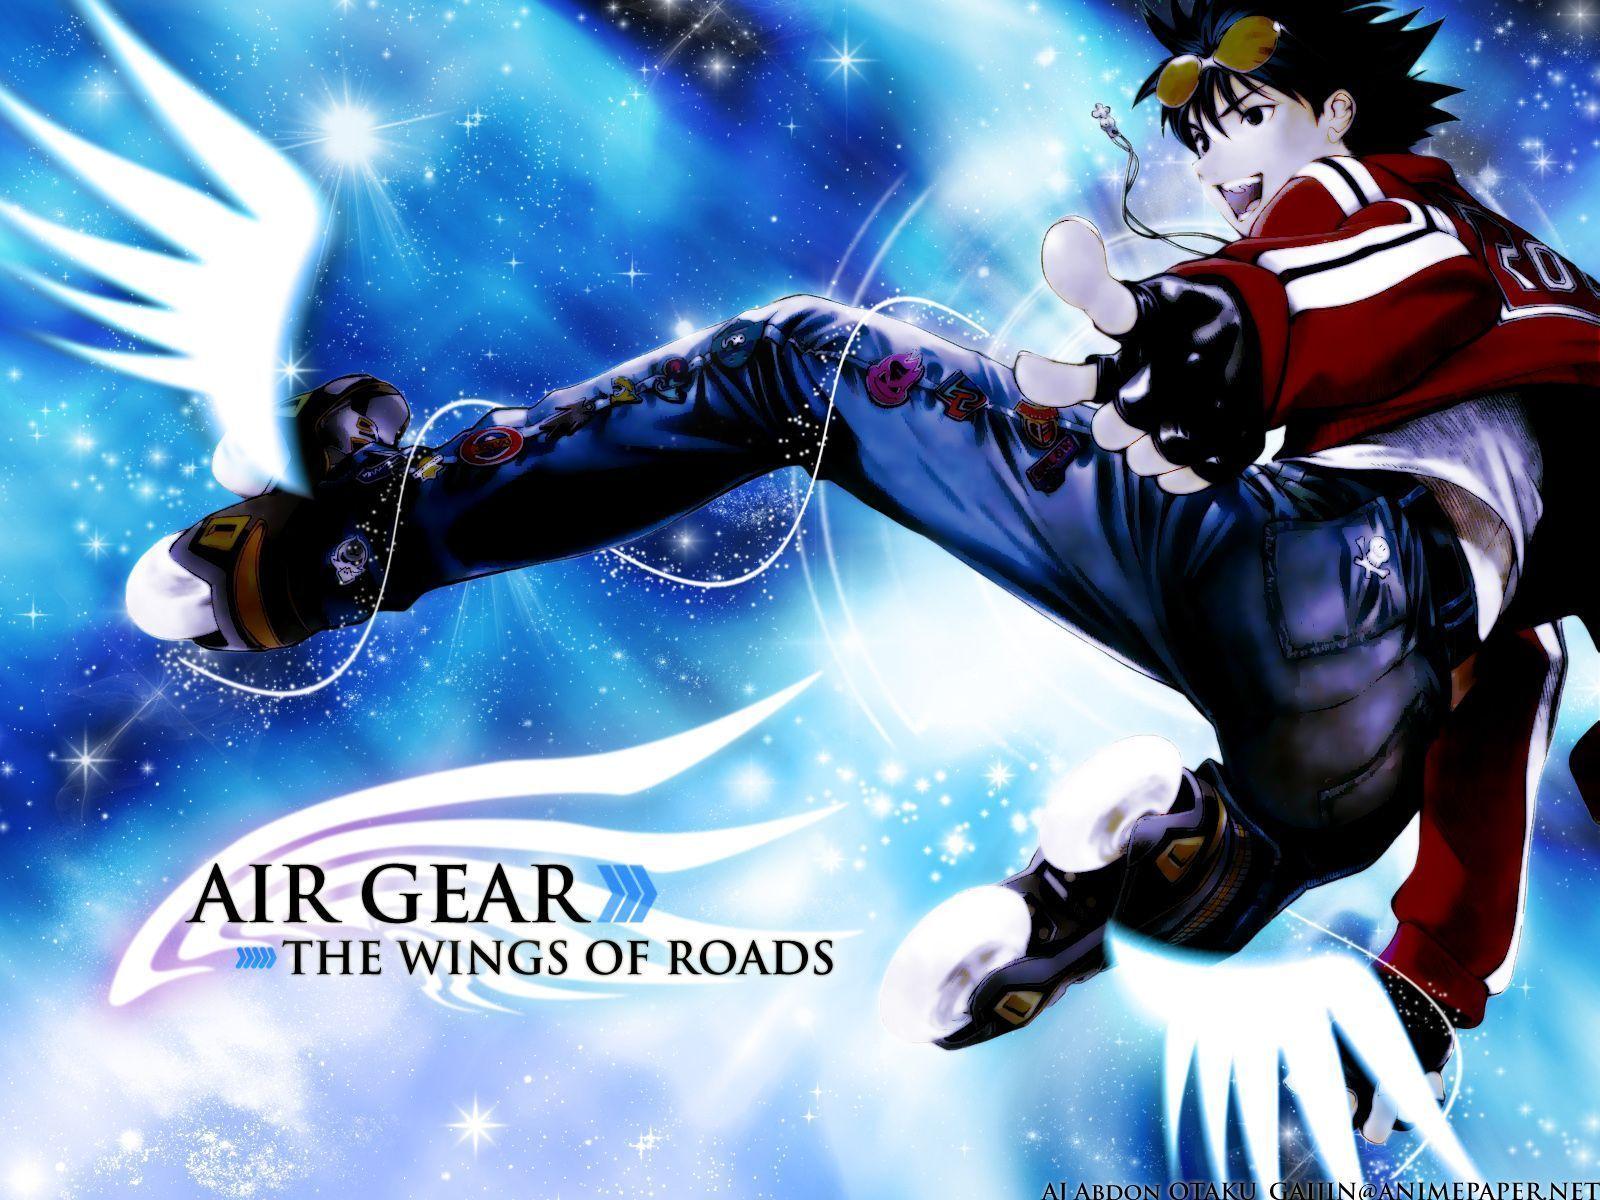 http://mangasshonen.m.a.pic.centerblog.net/036hxmpp.jpg